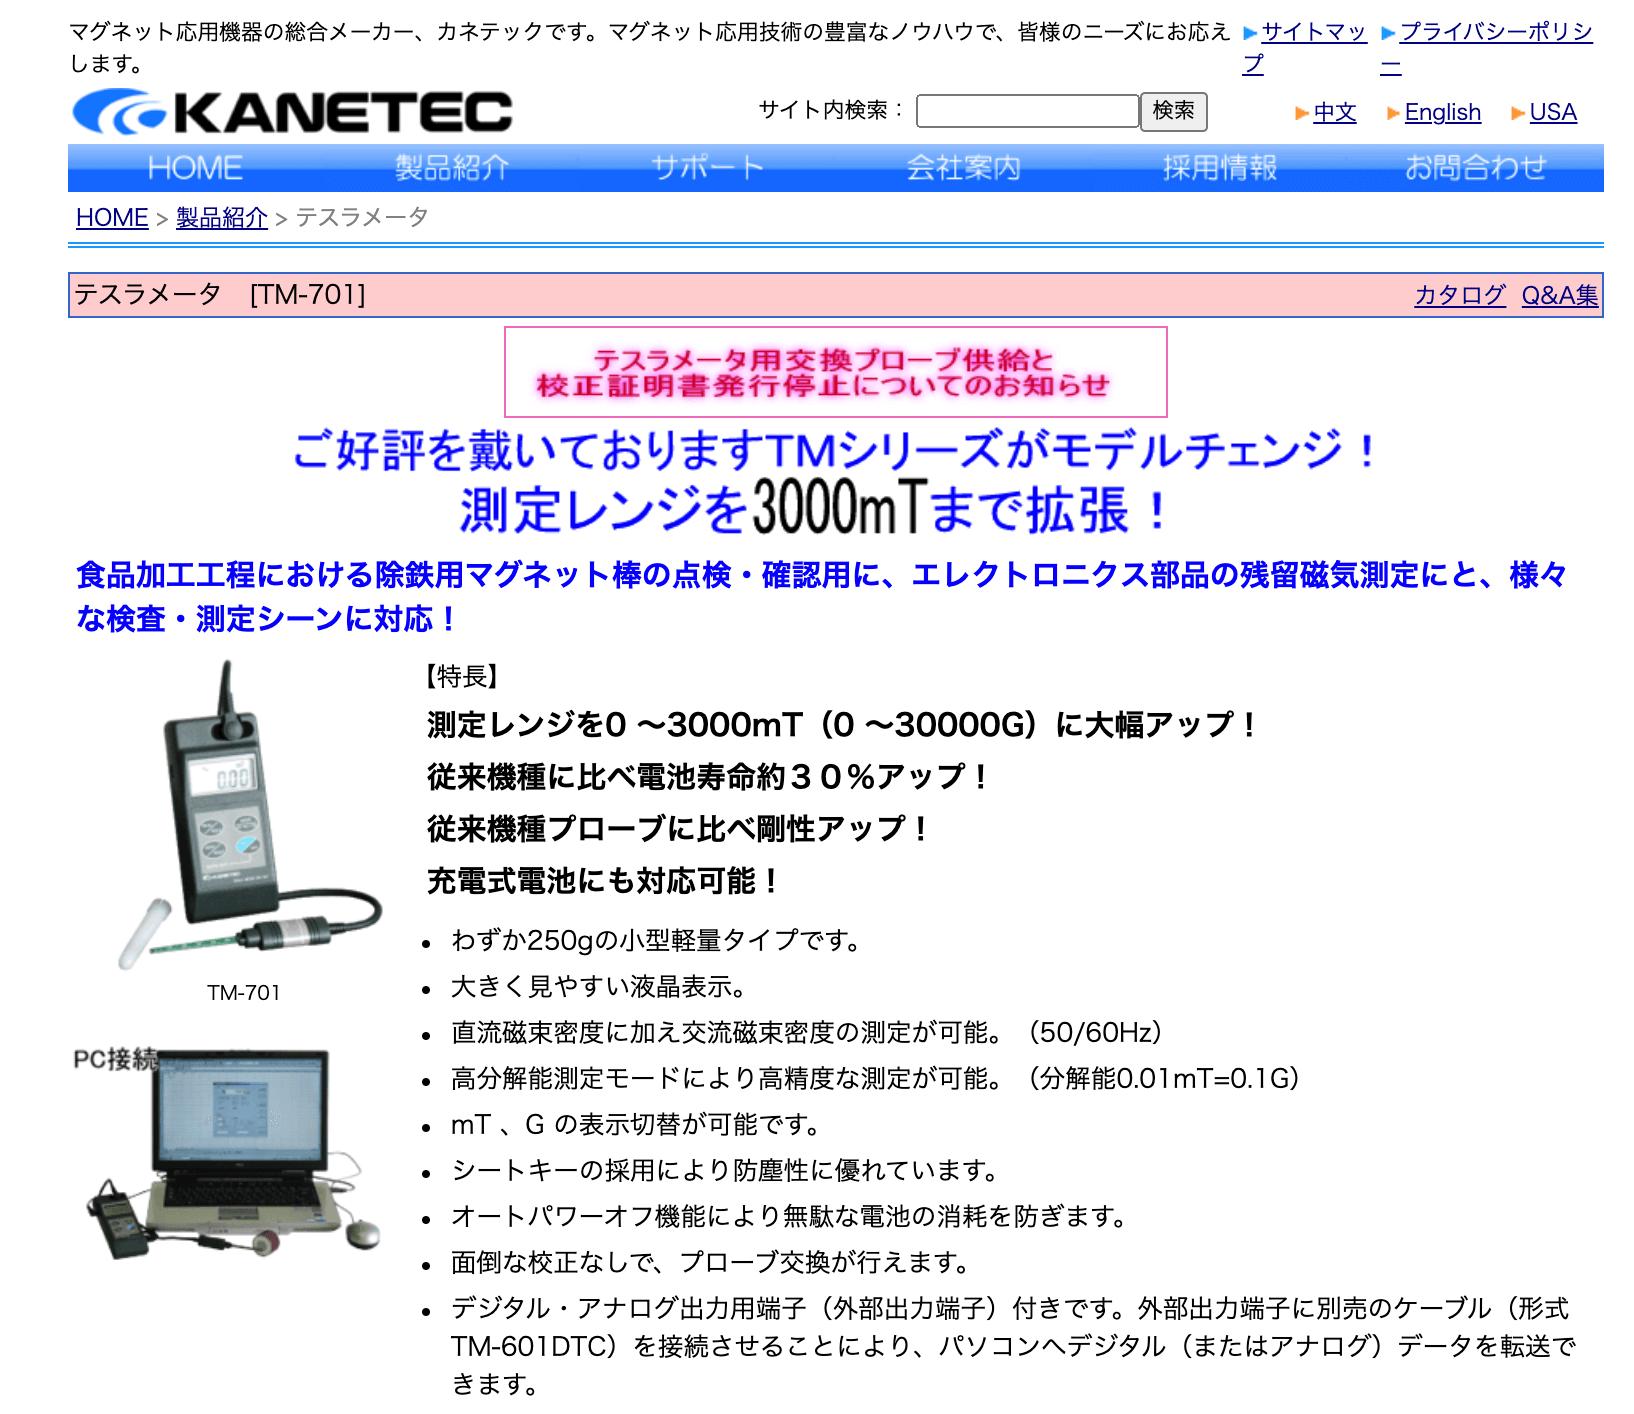 テスラメータ [TM-701]